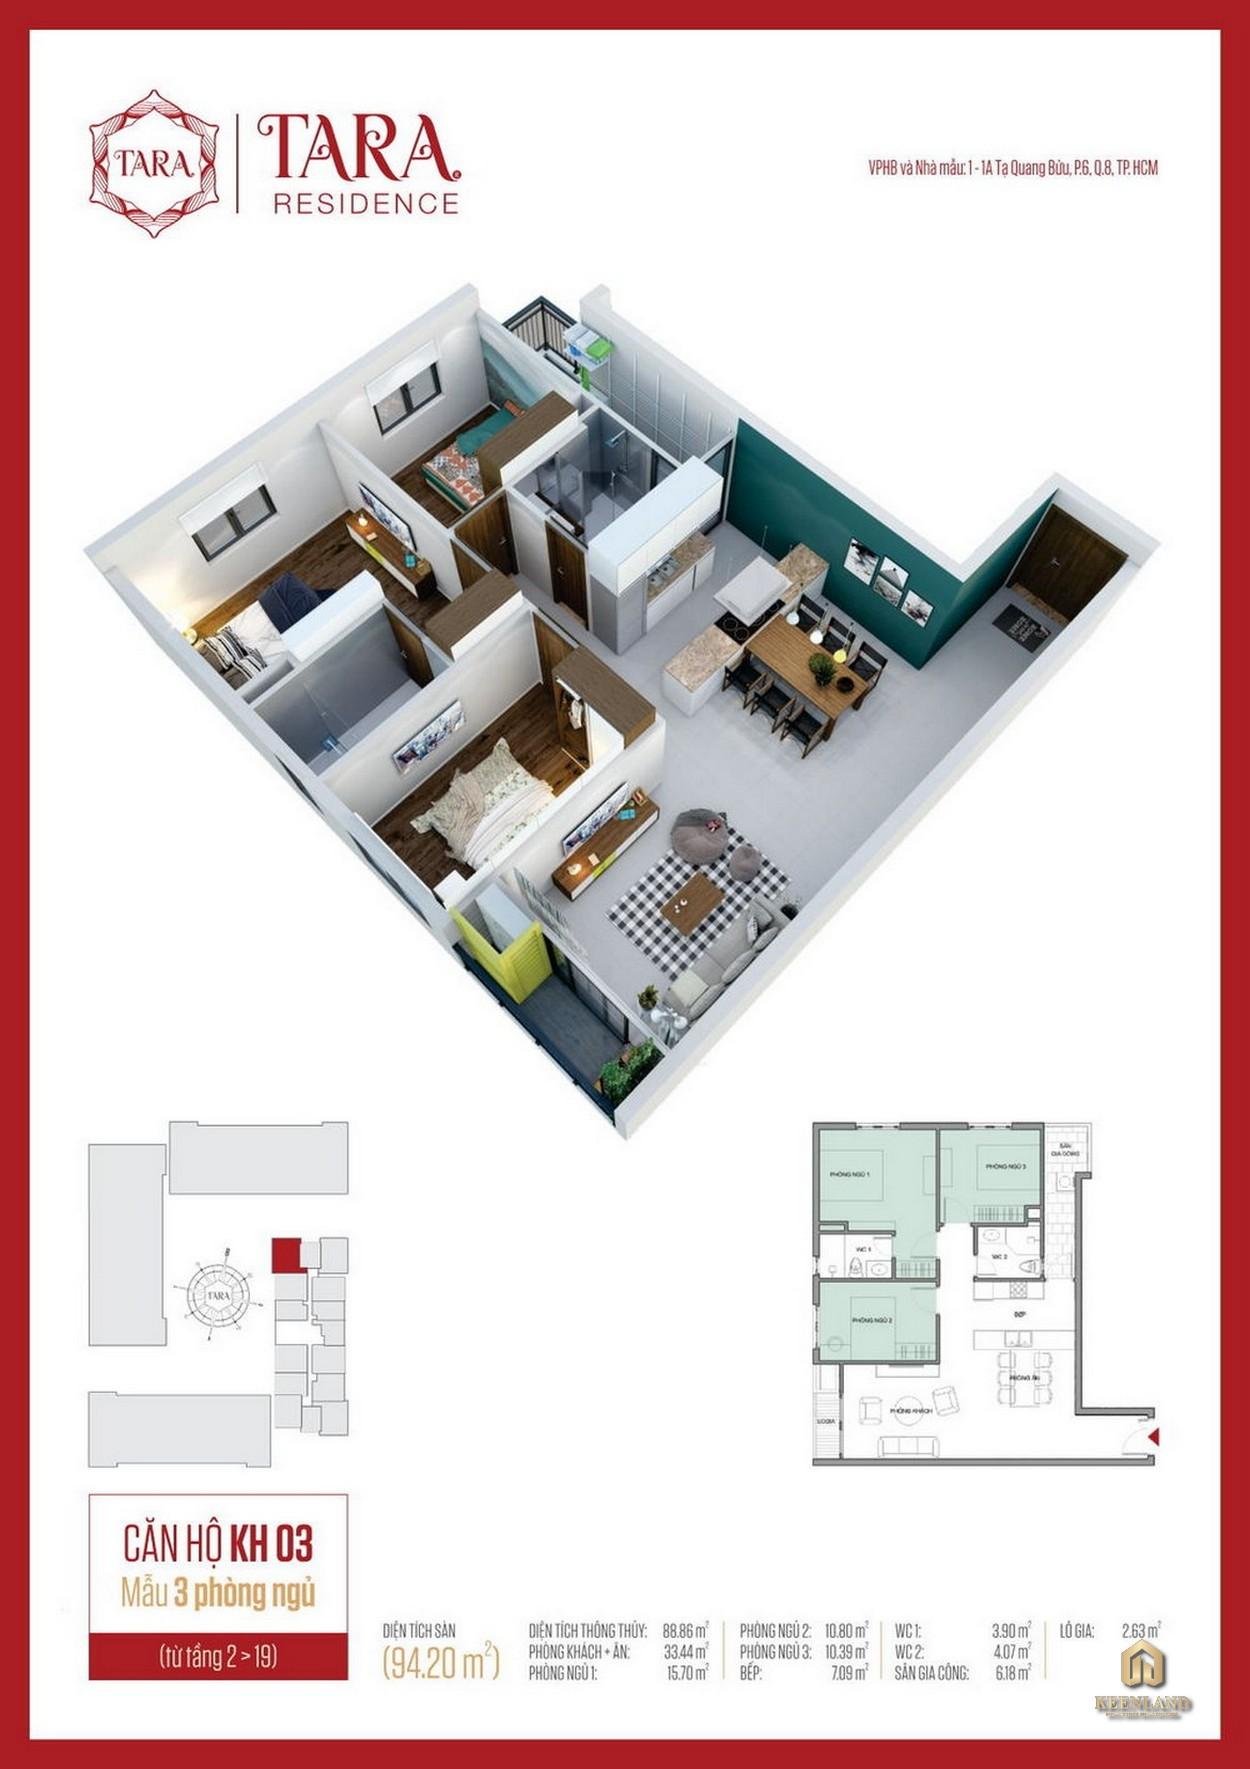 Thiết kế chi tiết căn hộ Tara Residence